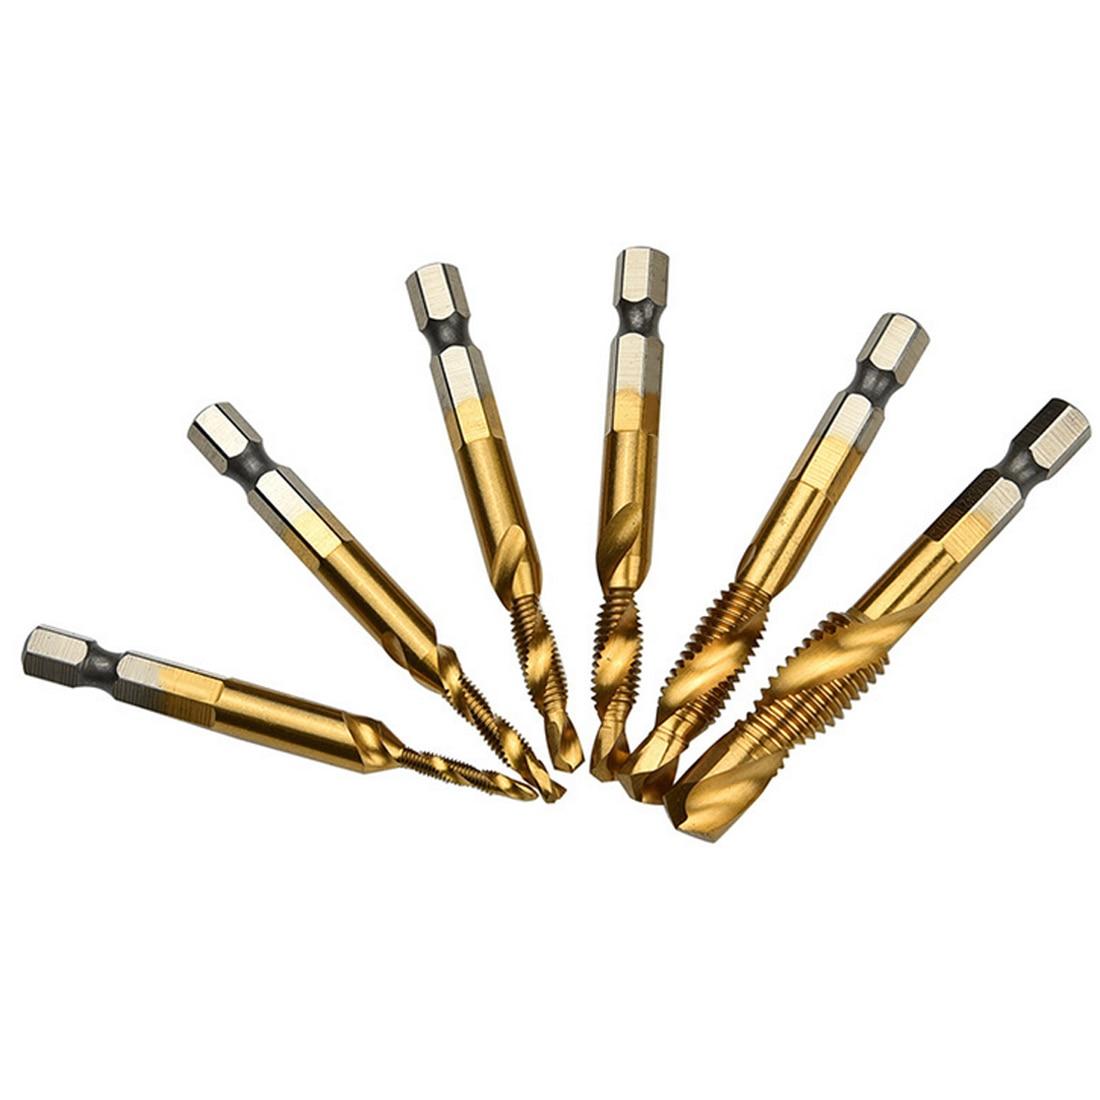 M3 M4 M5 M6 M8 M10 Metalworking Hex Shank Machine Taps Kit Metric Plug Hand Tap Drill Bits HSS 6542 Screw Spiral Point Thread